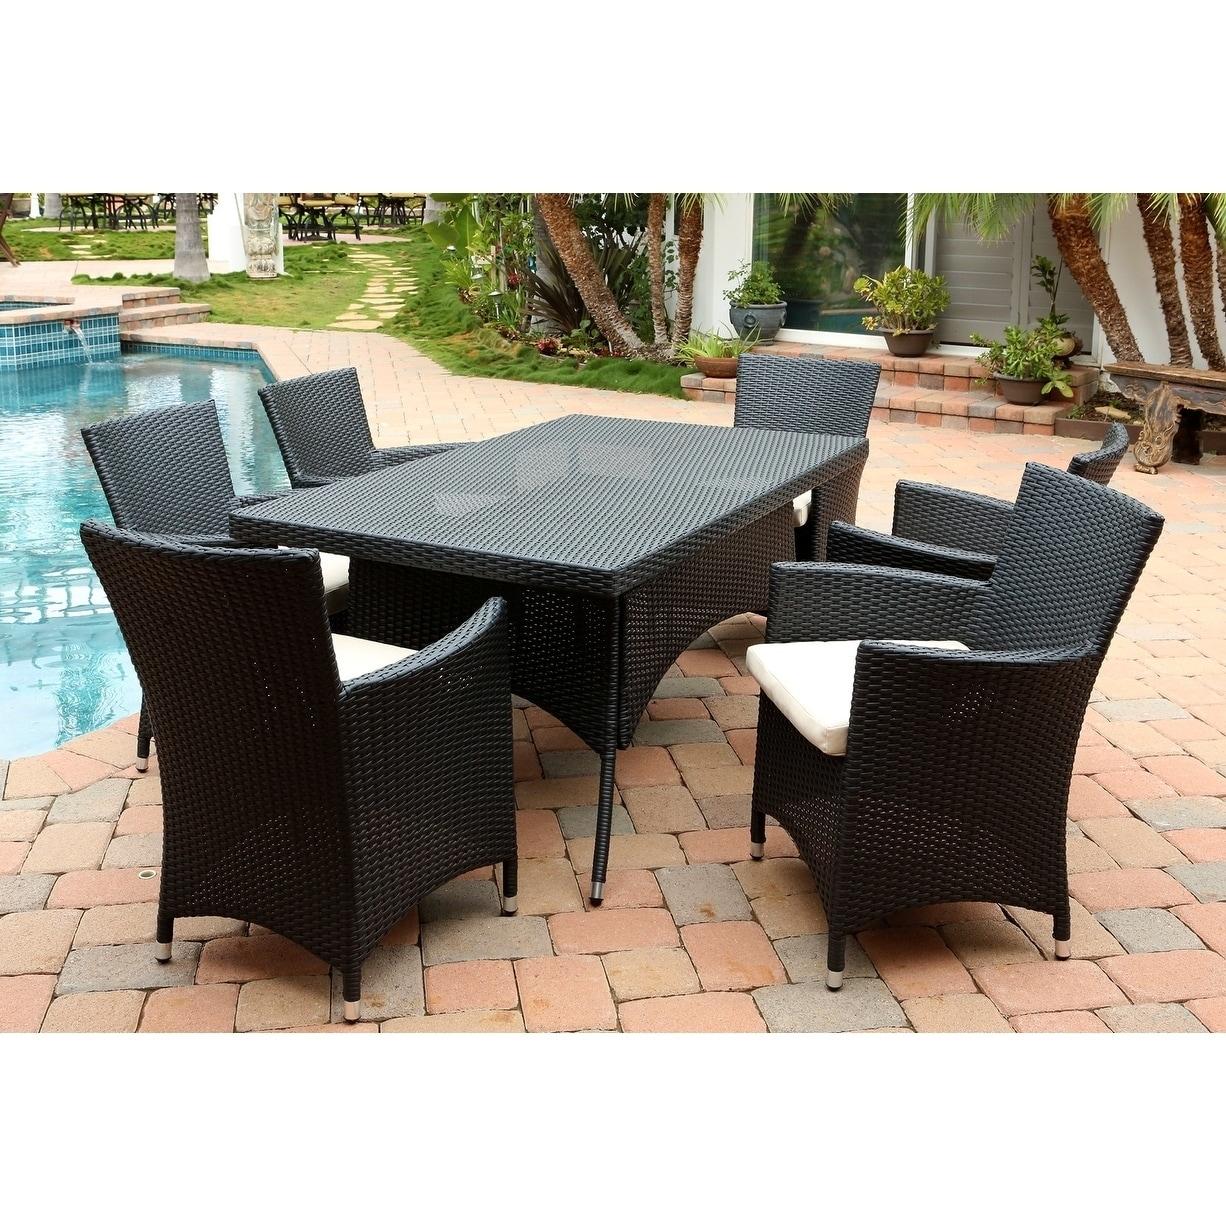 Image is loading Abbyson-Pasadena-Outdoor-Wicker-Dining-Table - Abbyson Pasadena Outdoor Wicker Dining Table EBay